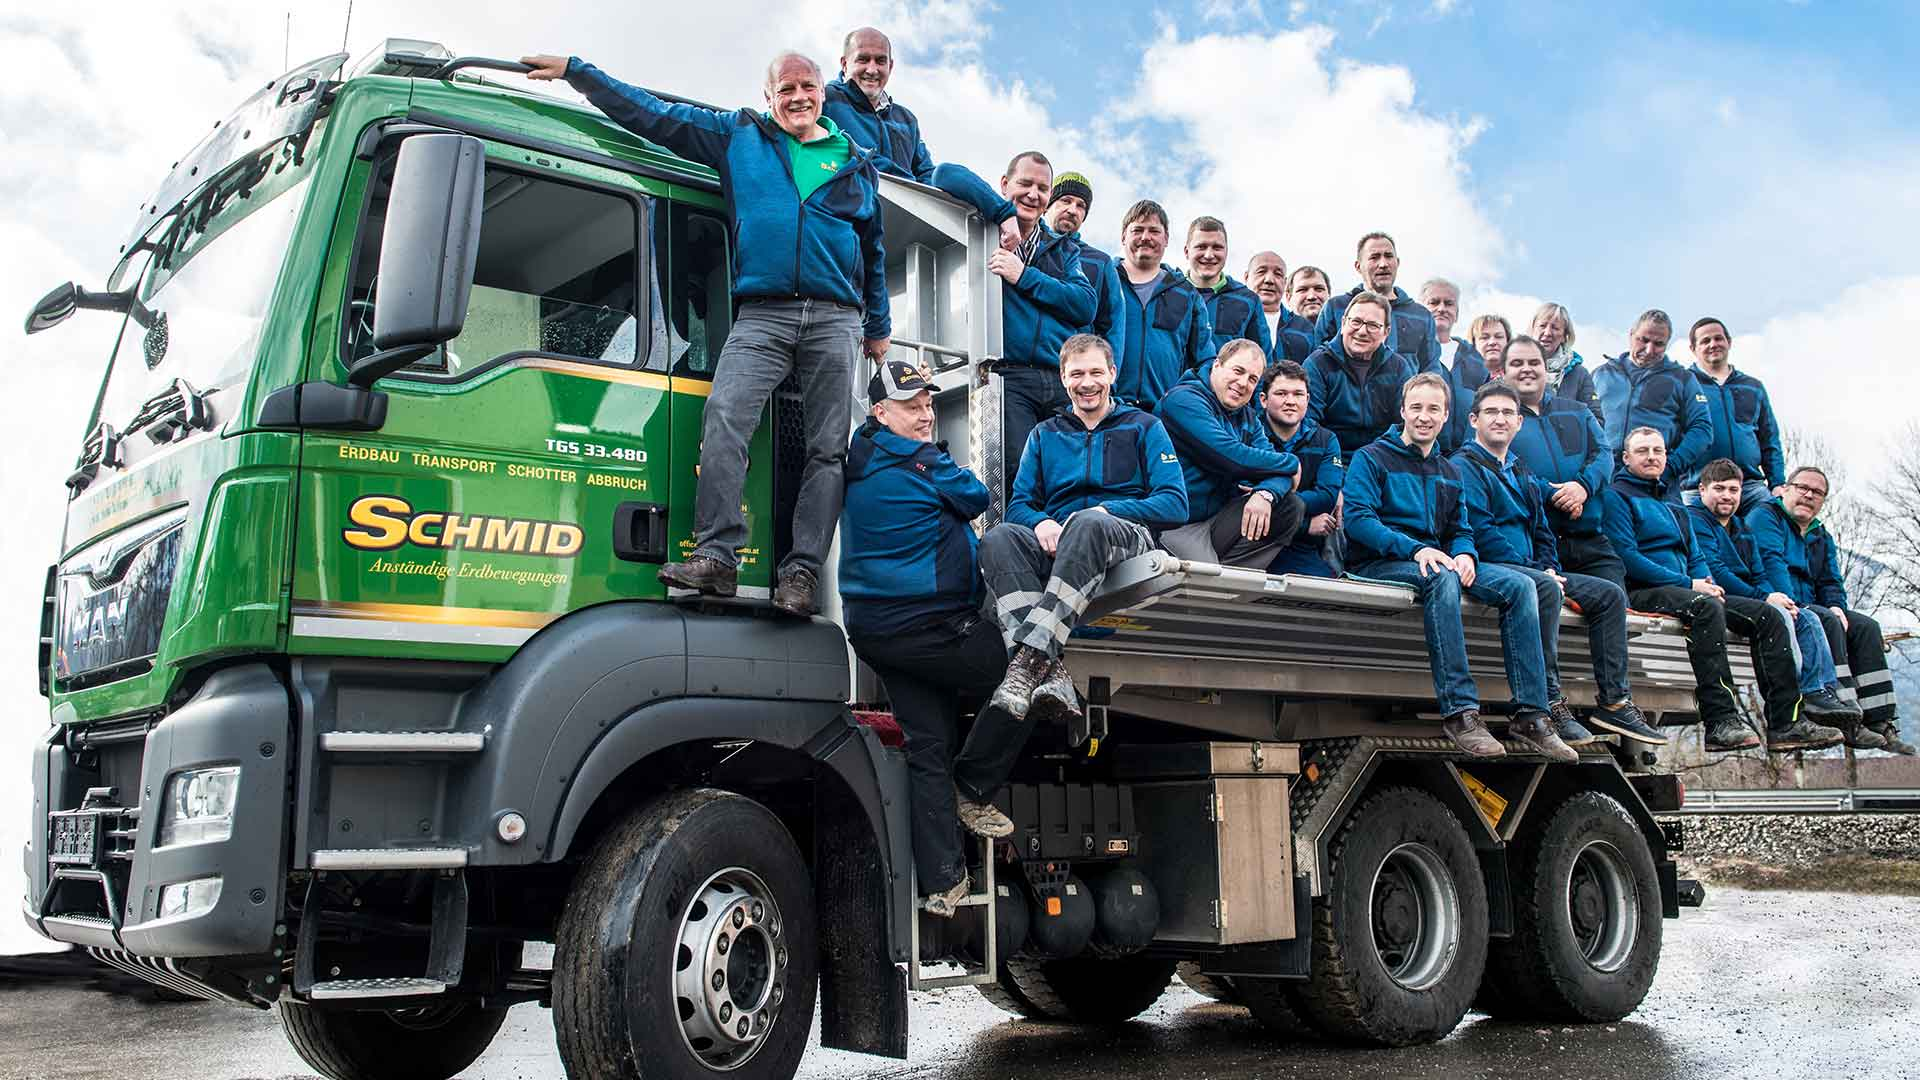 Home | schmid erdbau team sucht LKW